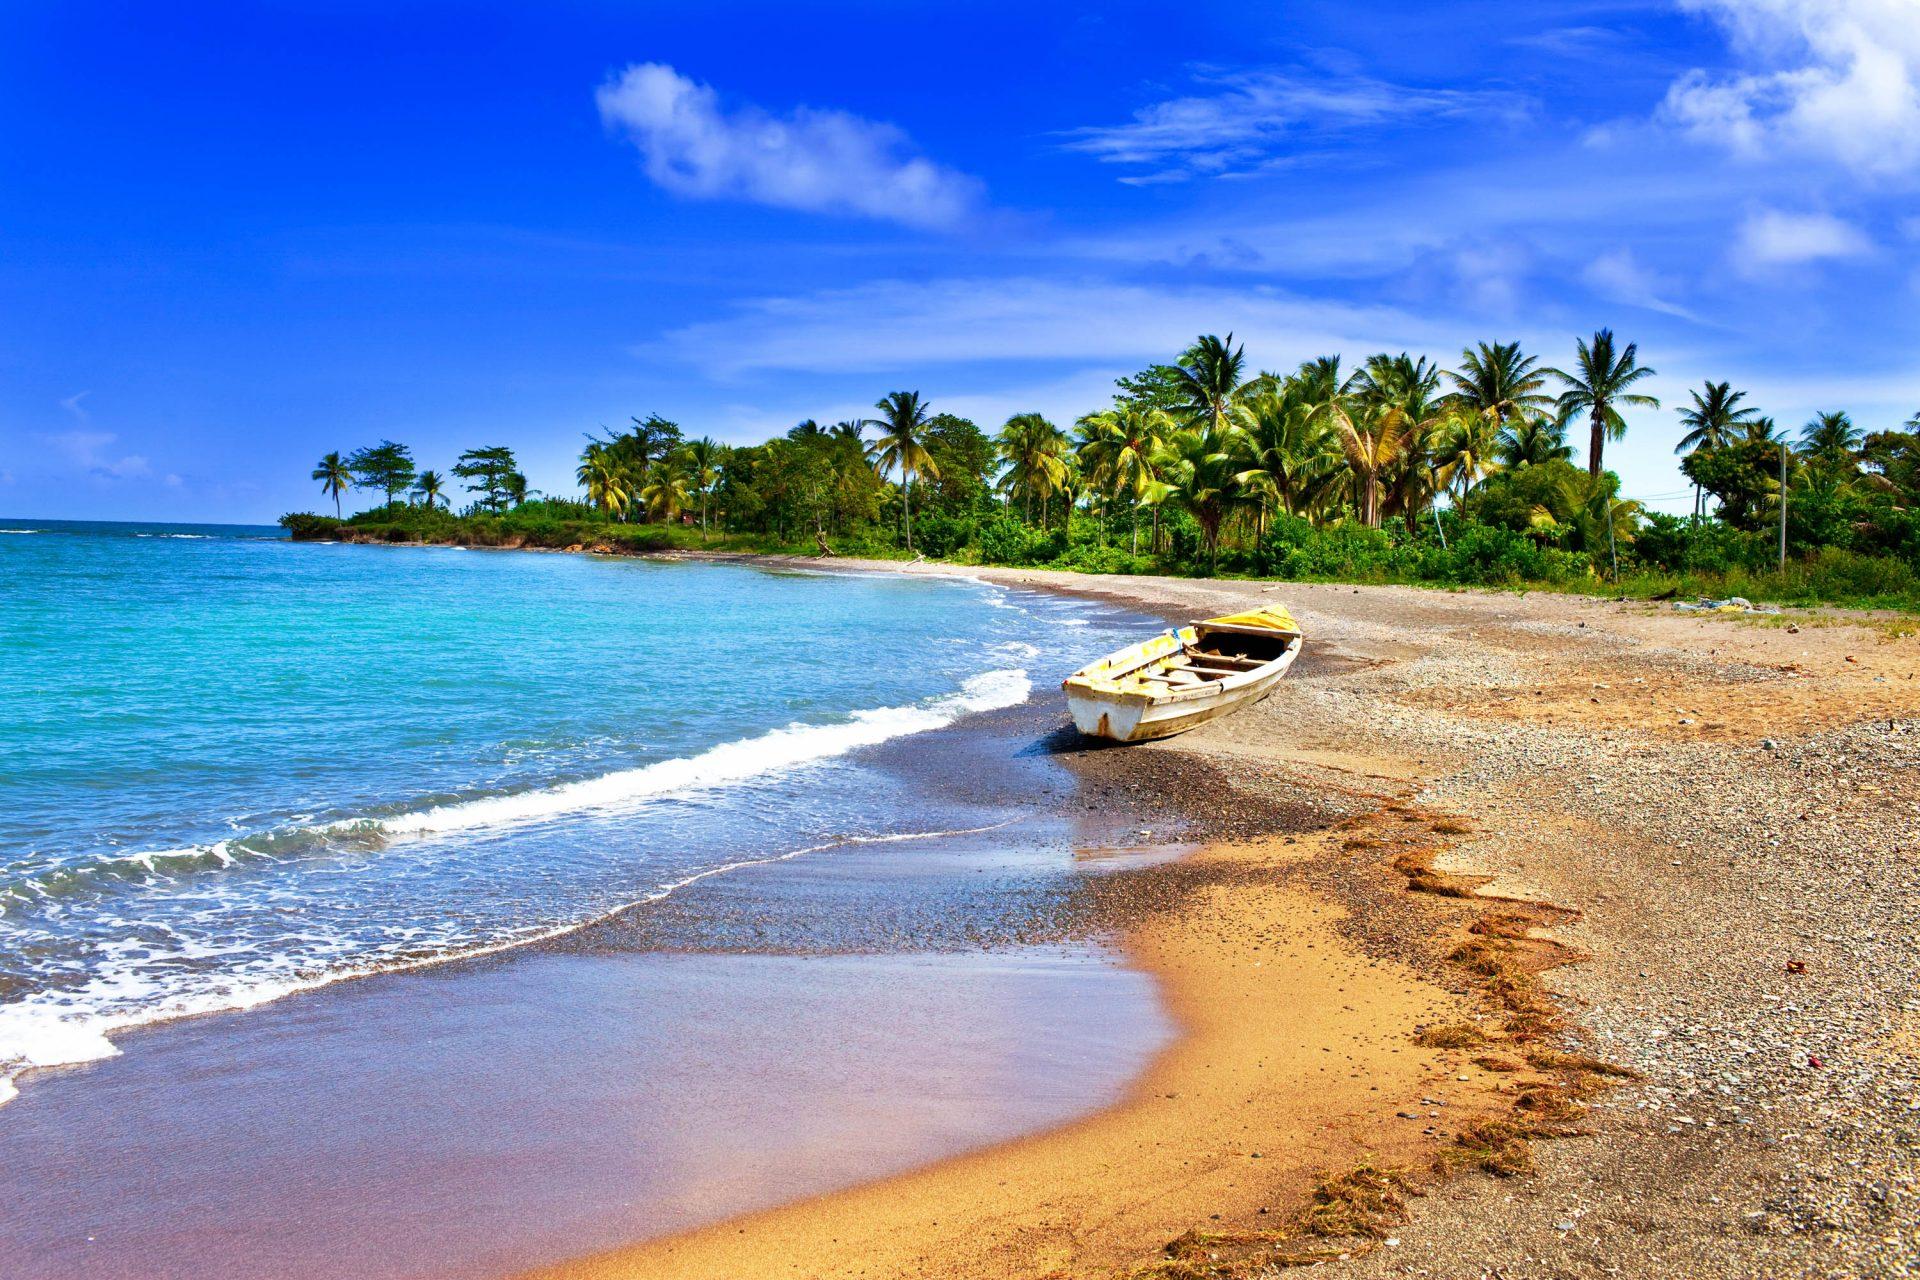 auch auf Jamaika gibt es FKK Hotels